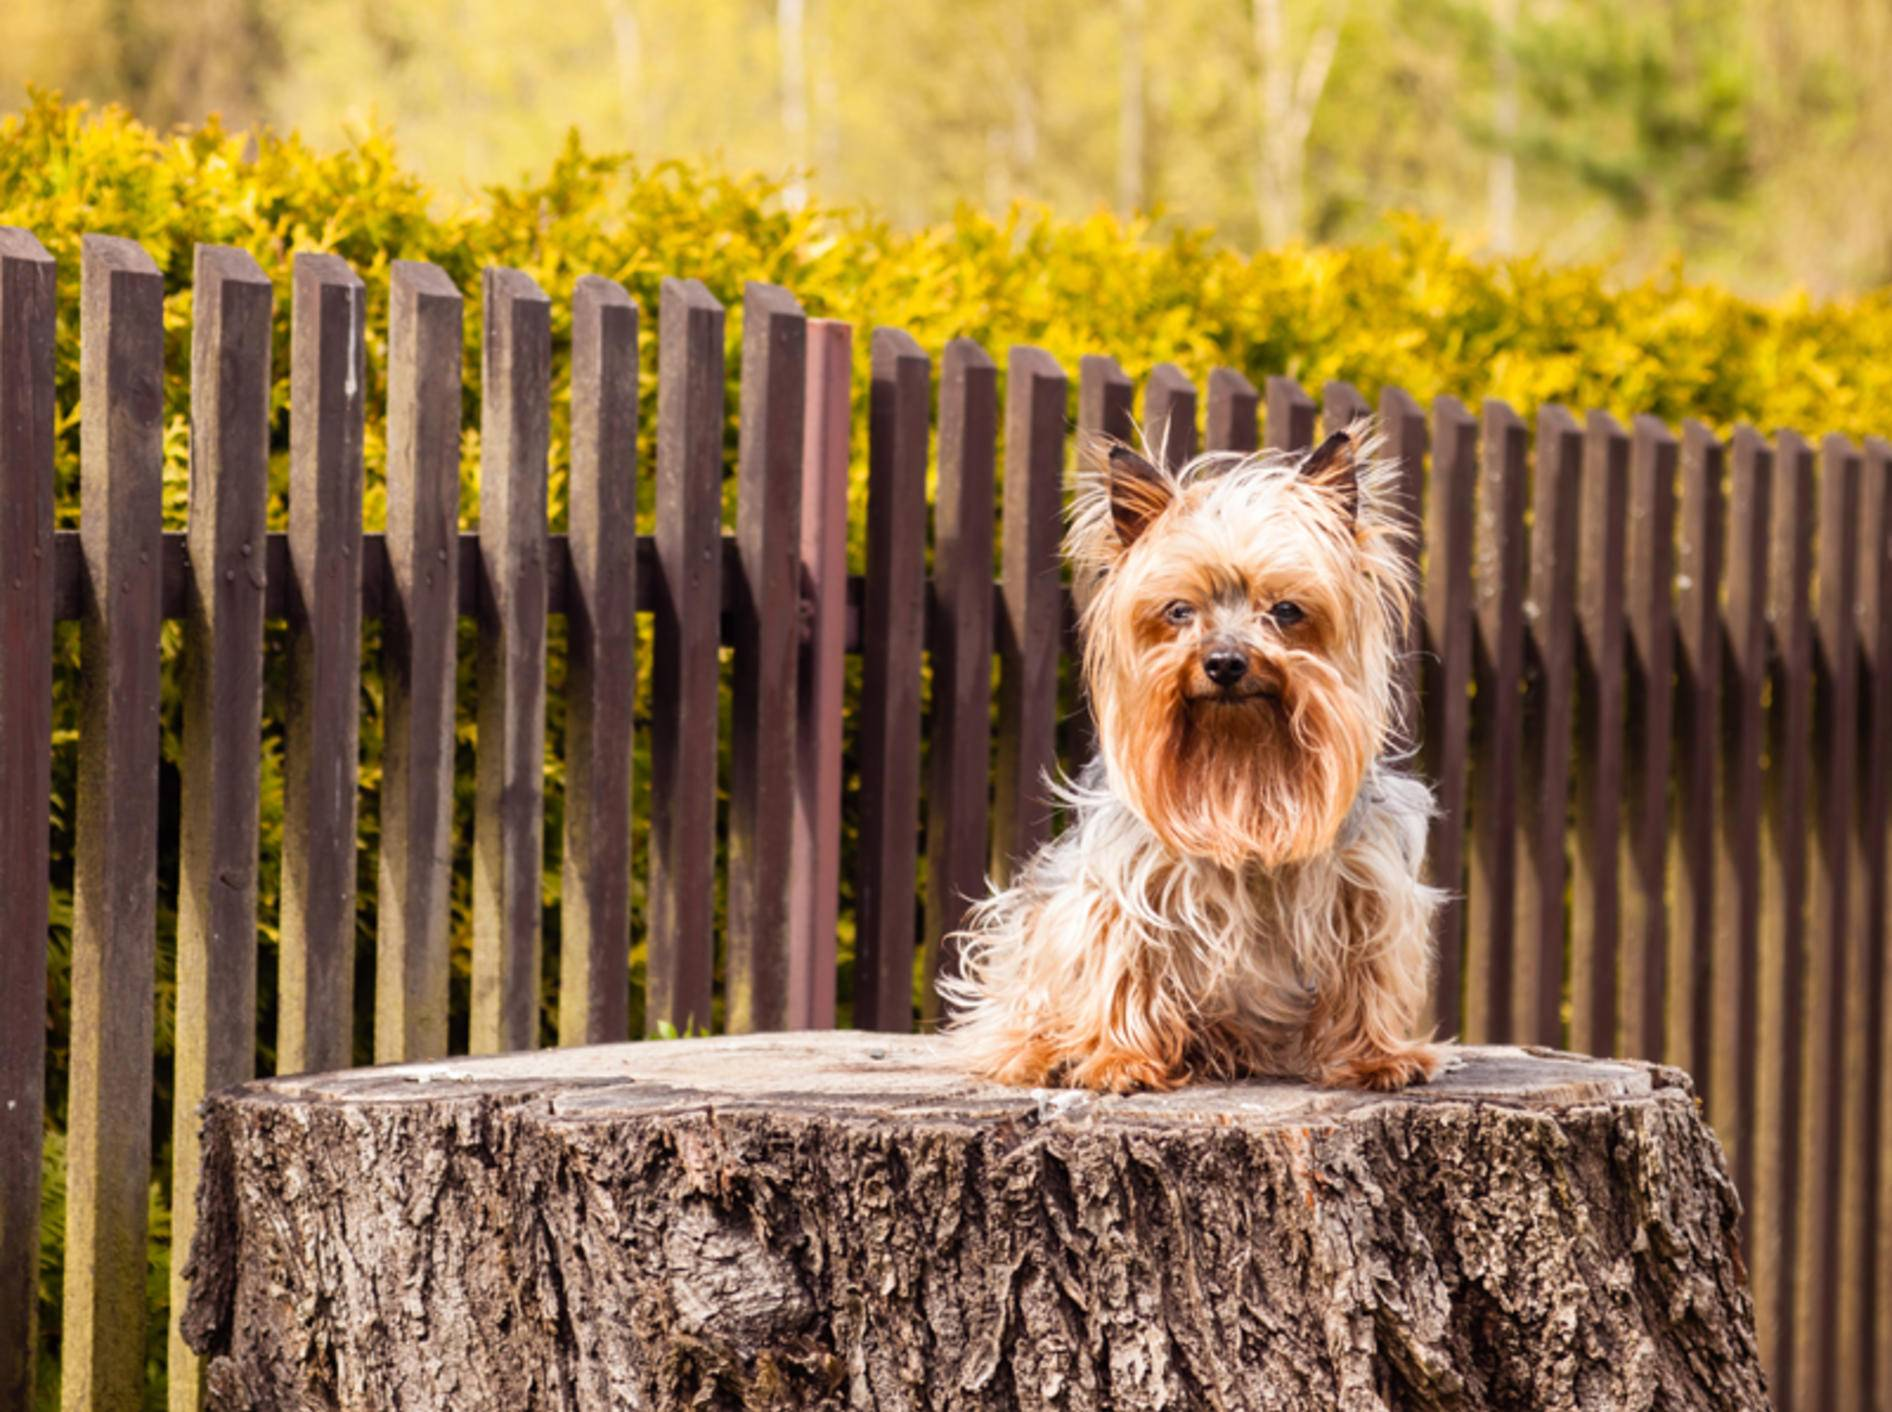 Kleine Hunde wie der Yorkshire Terrier haben eine höhere Lebenserwartung als große Hunde – Shutterstock / Jarry